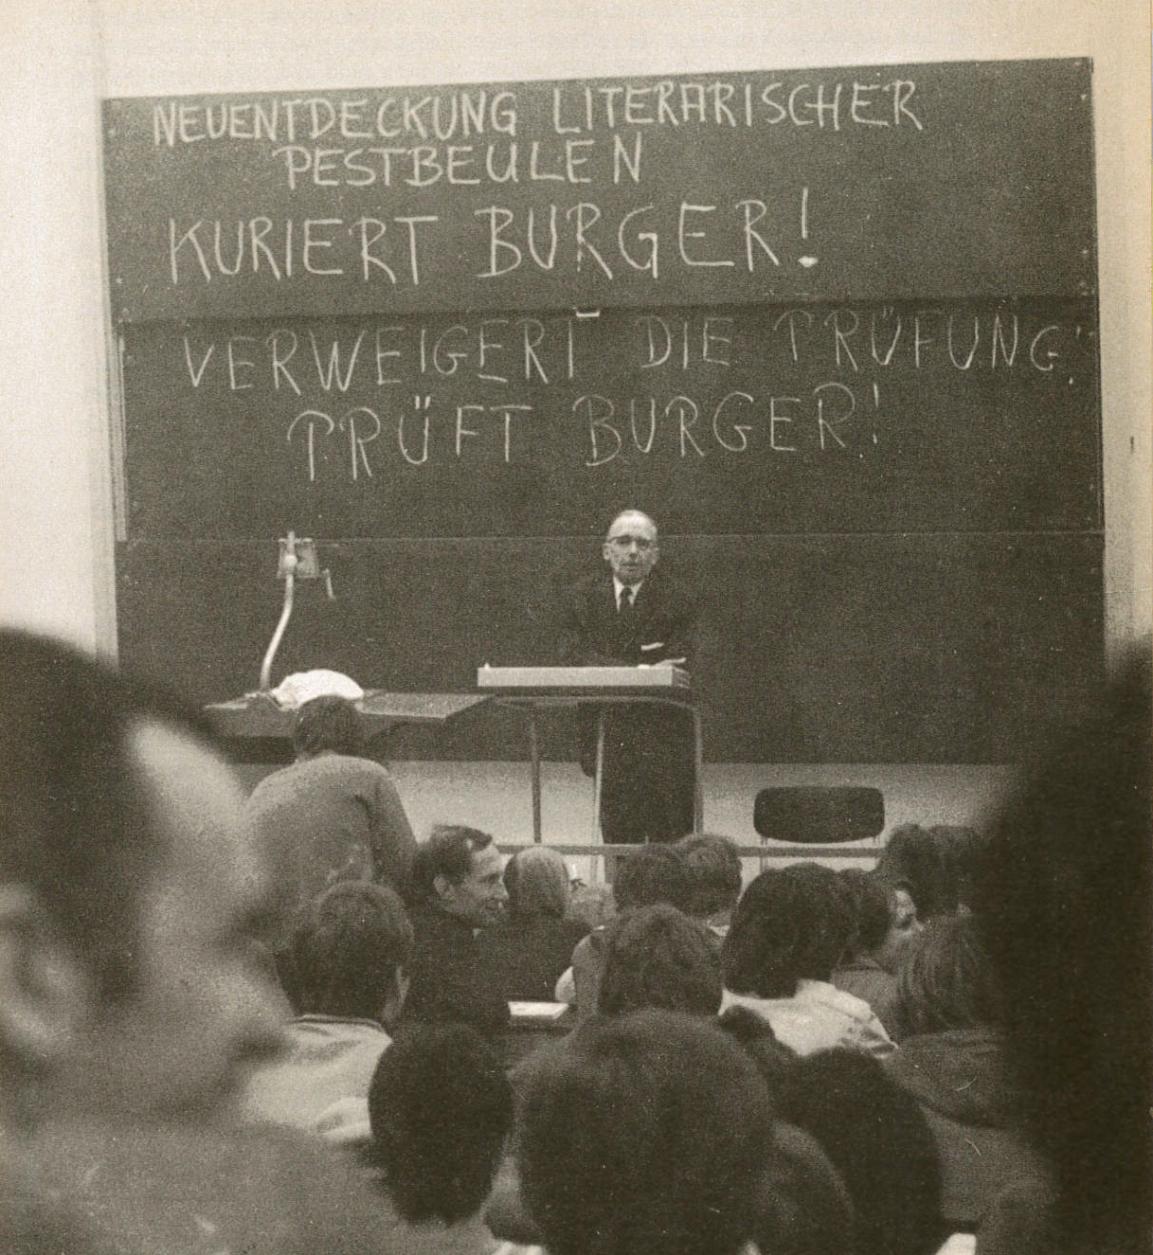 Heinz-Otto Burger